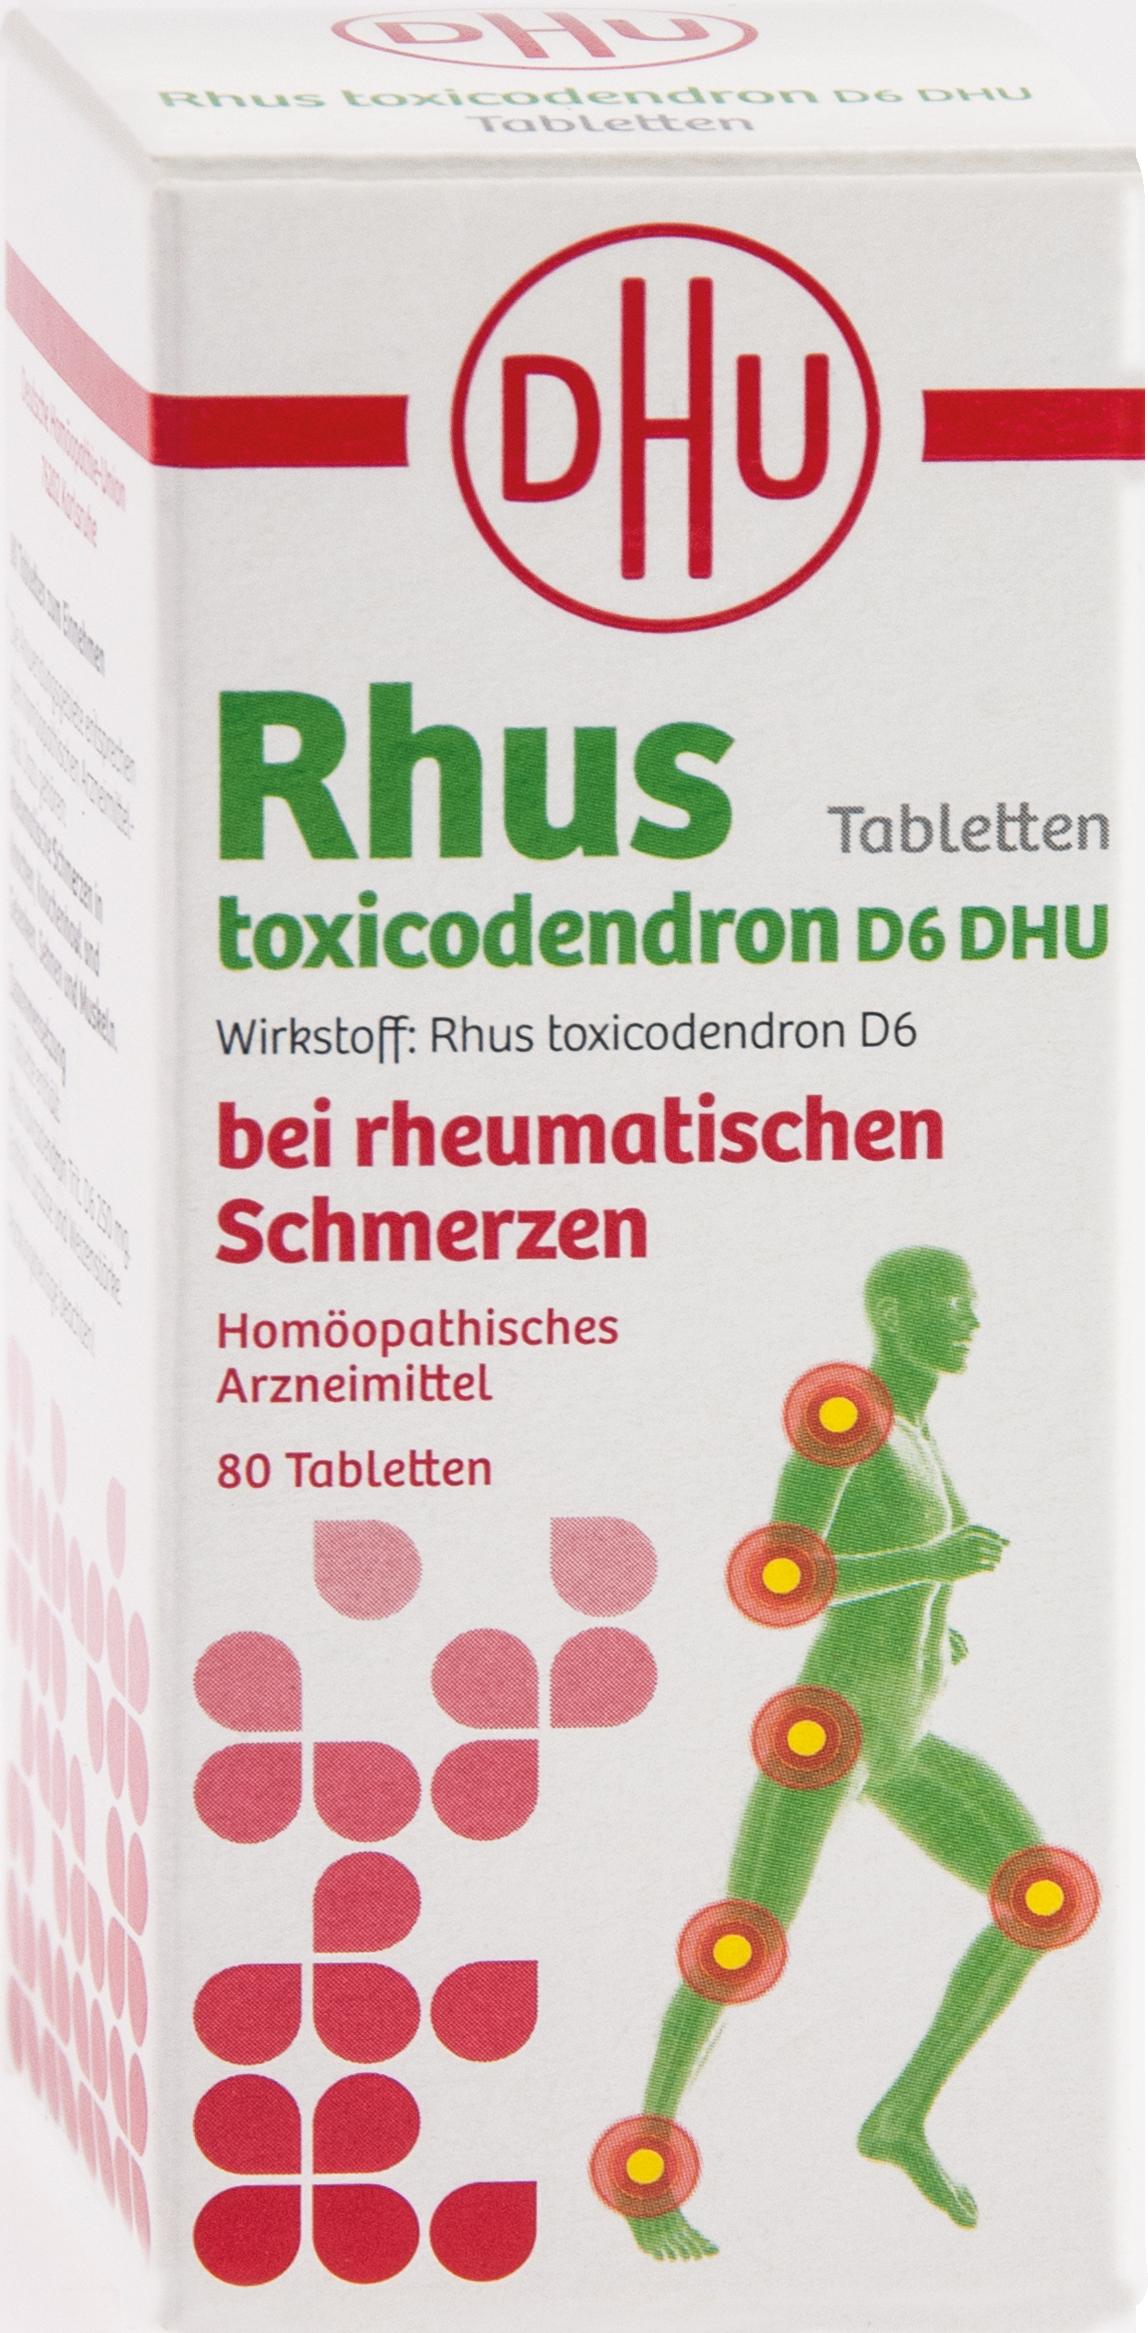 Rhus tox. D6 DHU bei rheumatischen Schmerzen